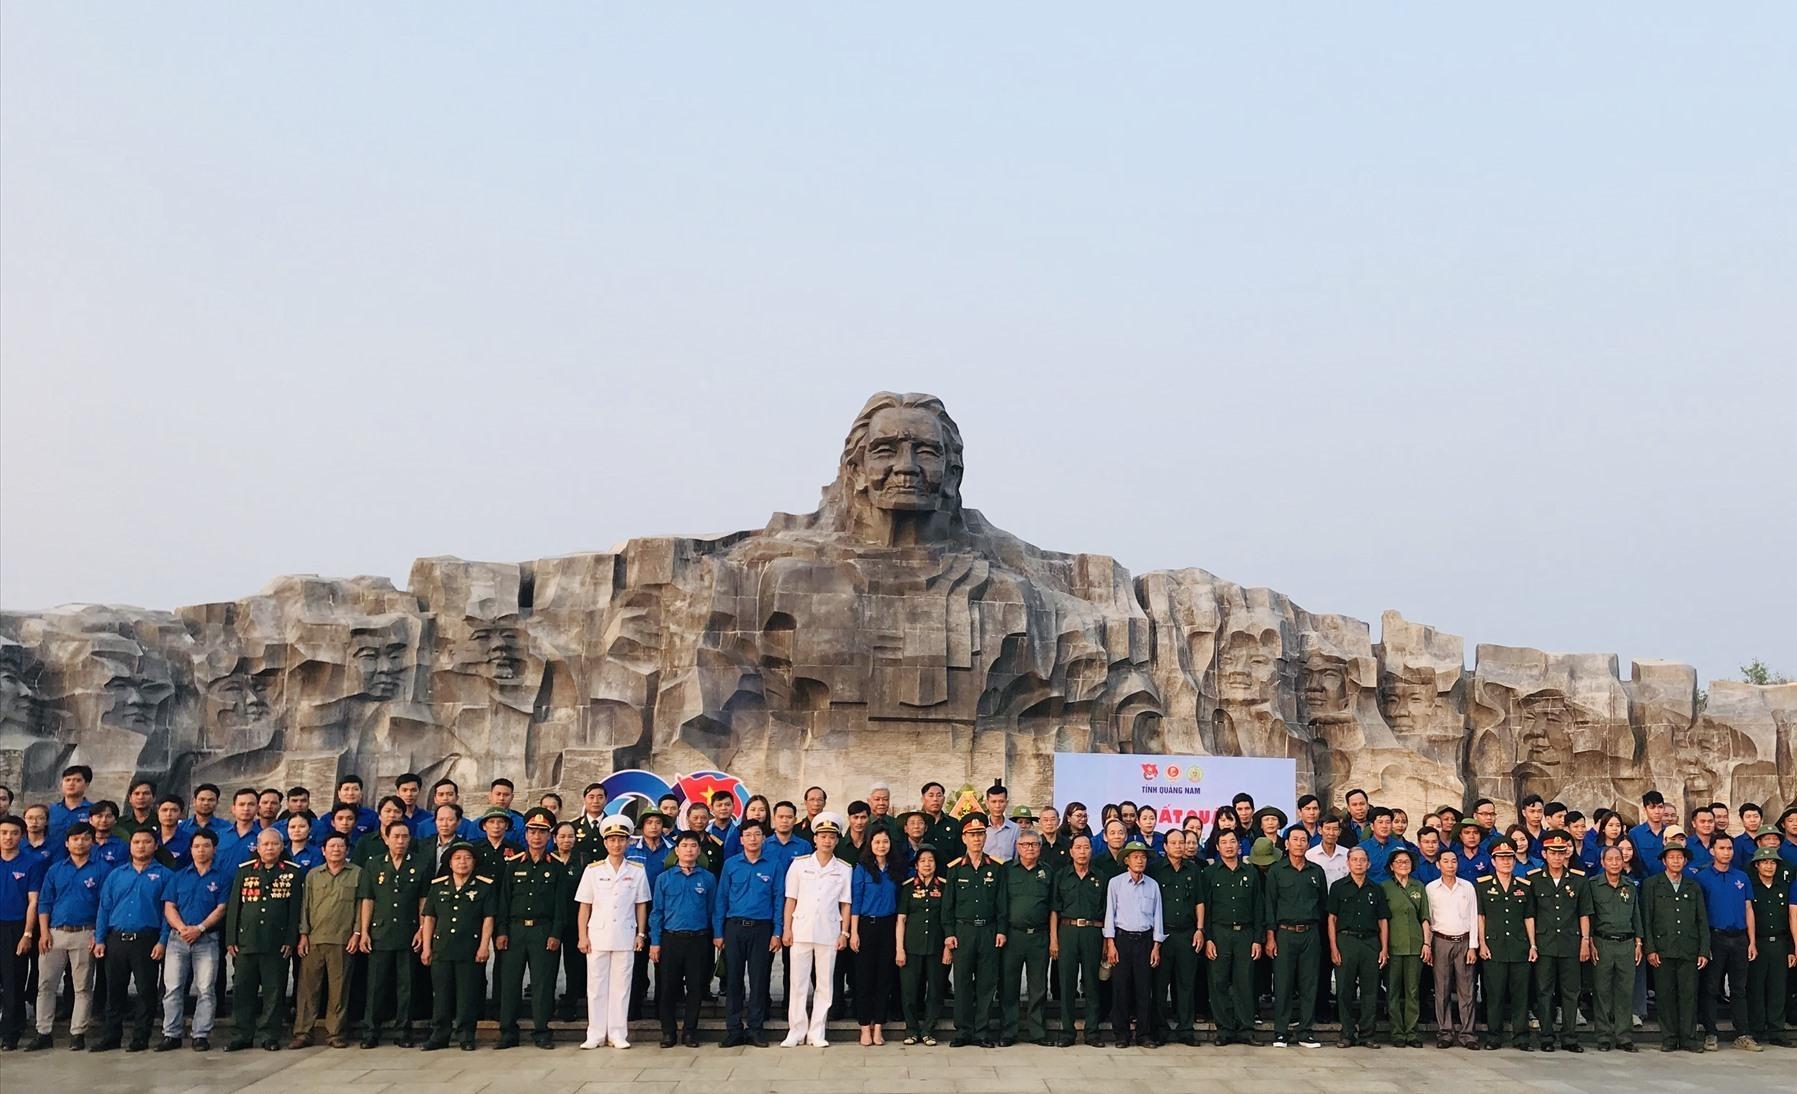 Đại biểu chụp hình lưu niệm bên Tượng đài Mẹ Việt Nam anh hùng. Ảnh: V.A